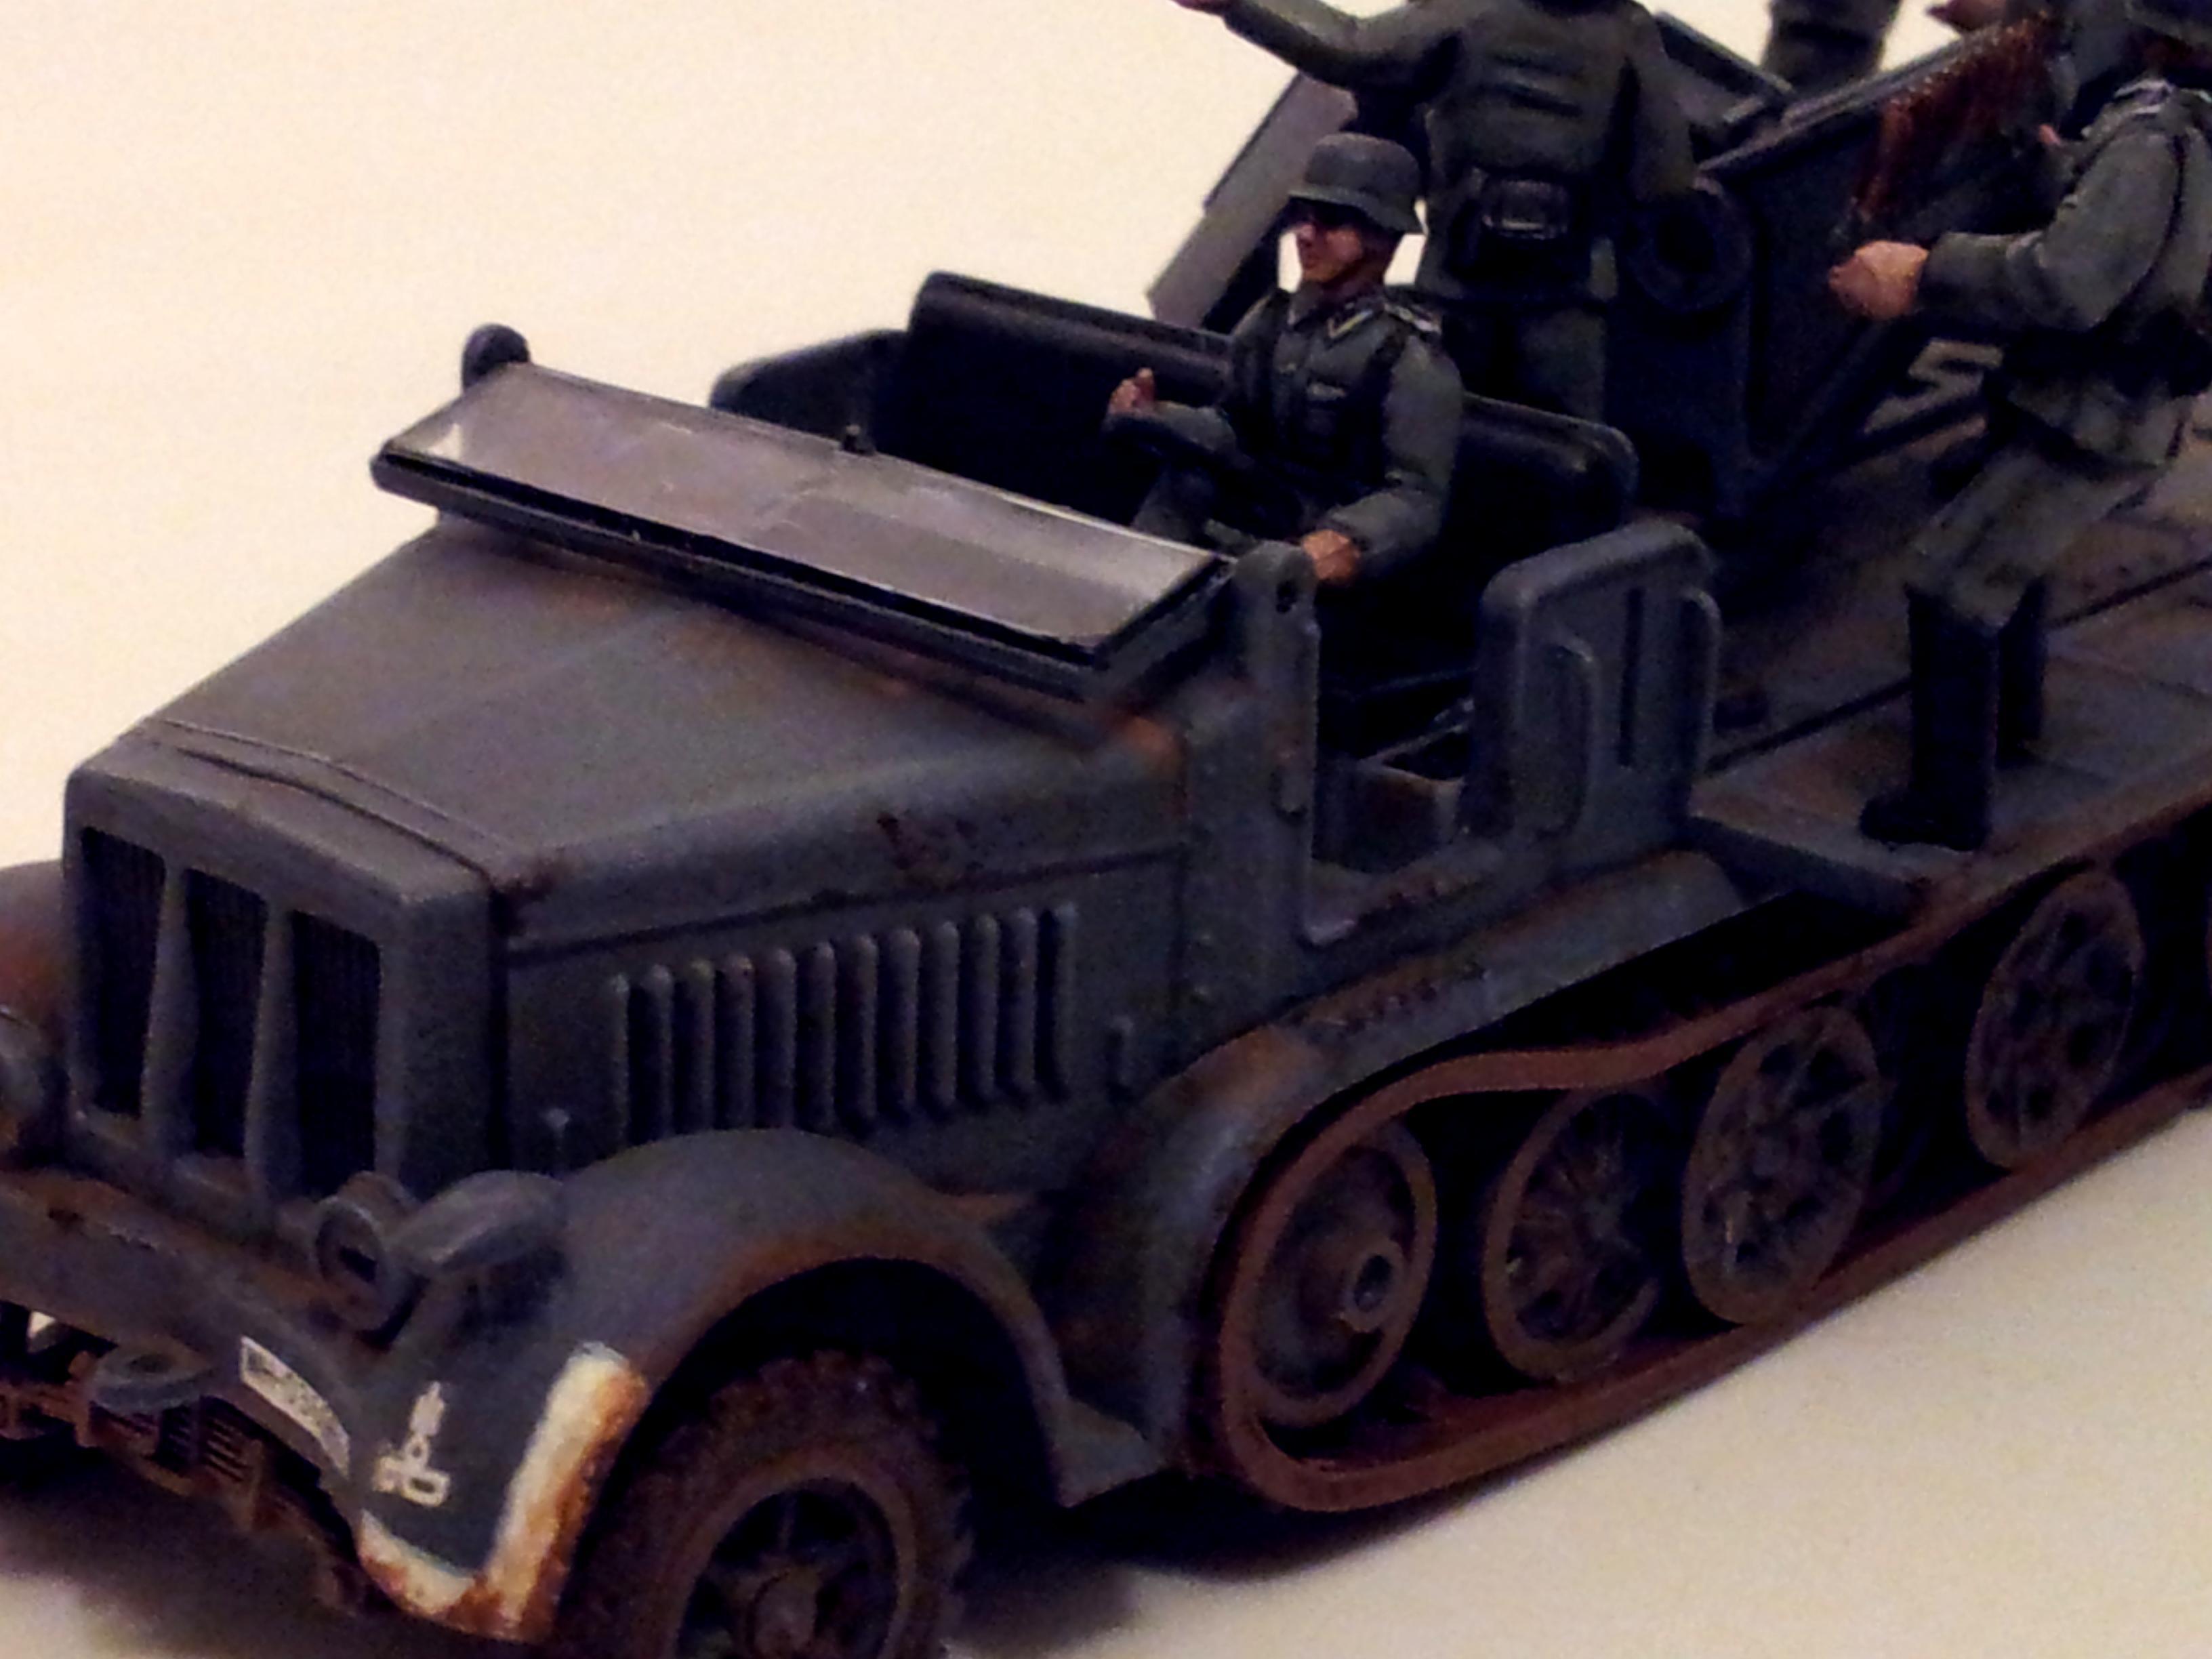 1/72, 1:72, Germans, Sdkfz 7, World War 2